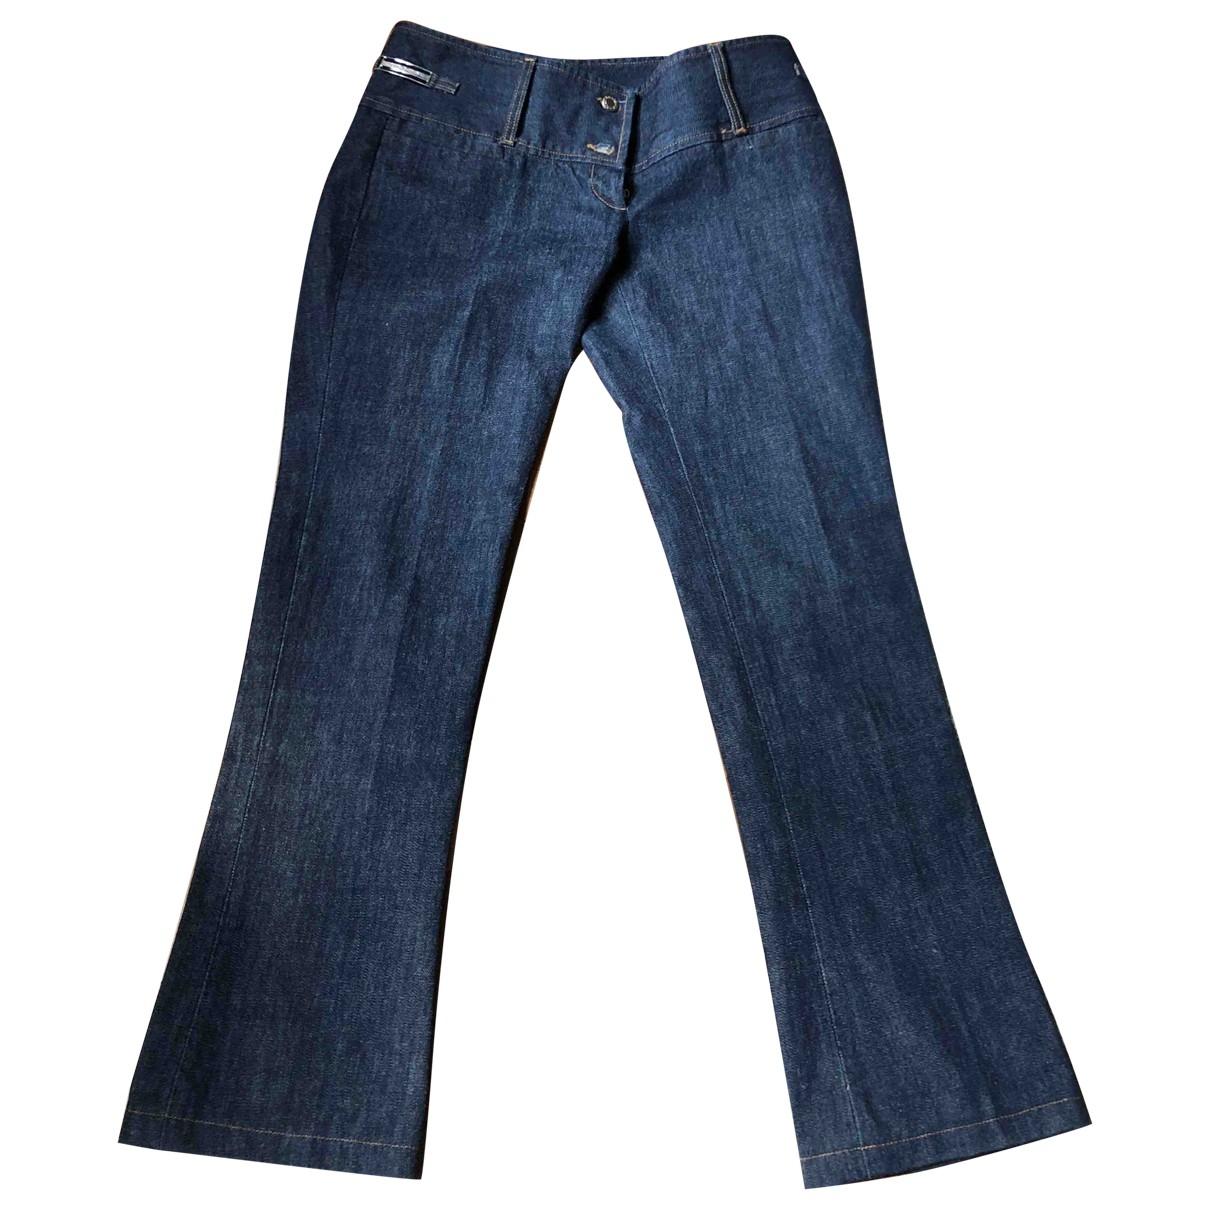 Dolce & Gabbana \N Blue Denim - Jeans Trousers for Women 44 IT